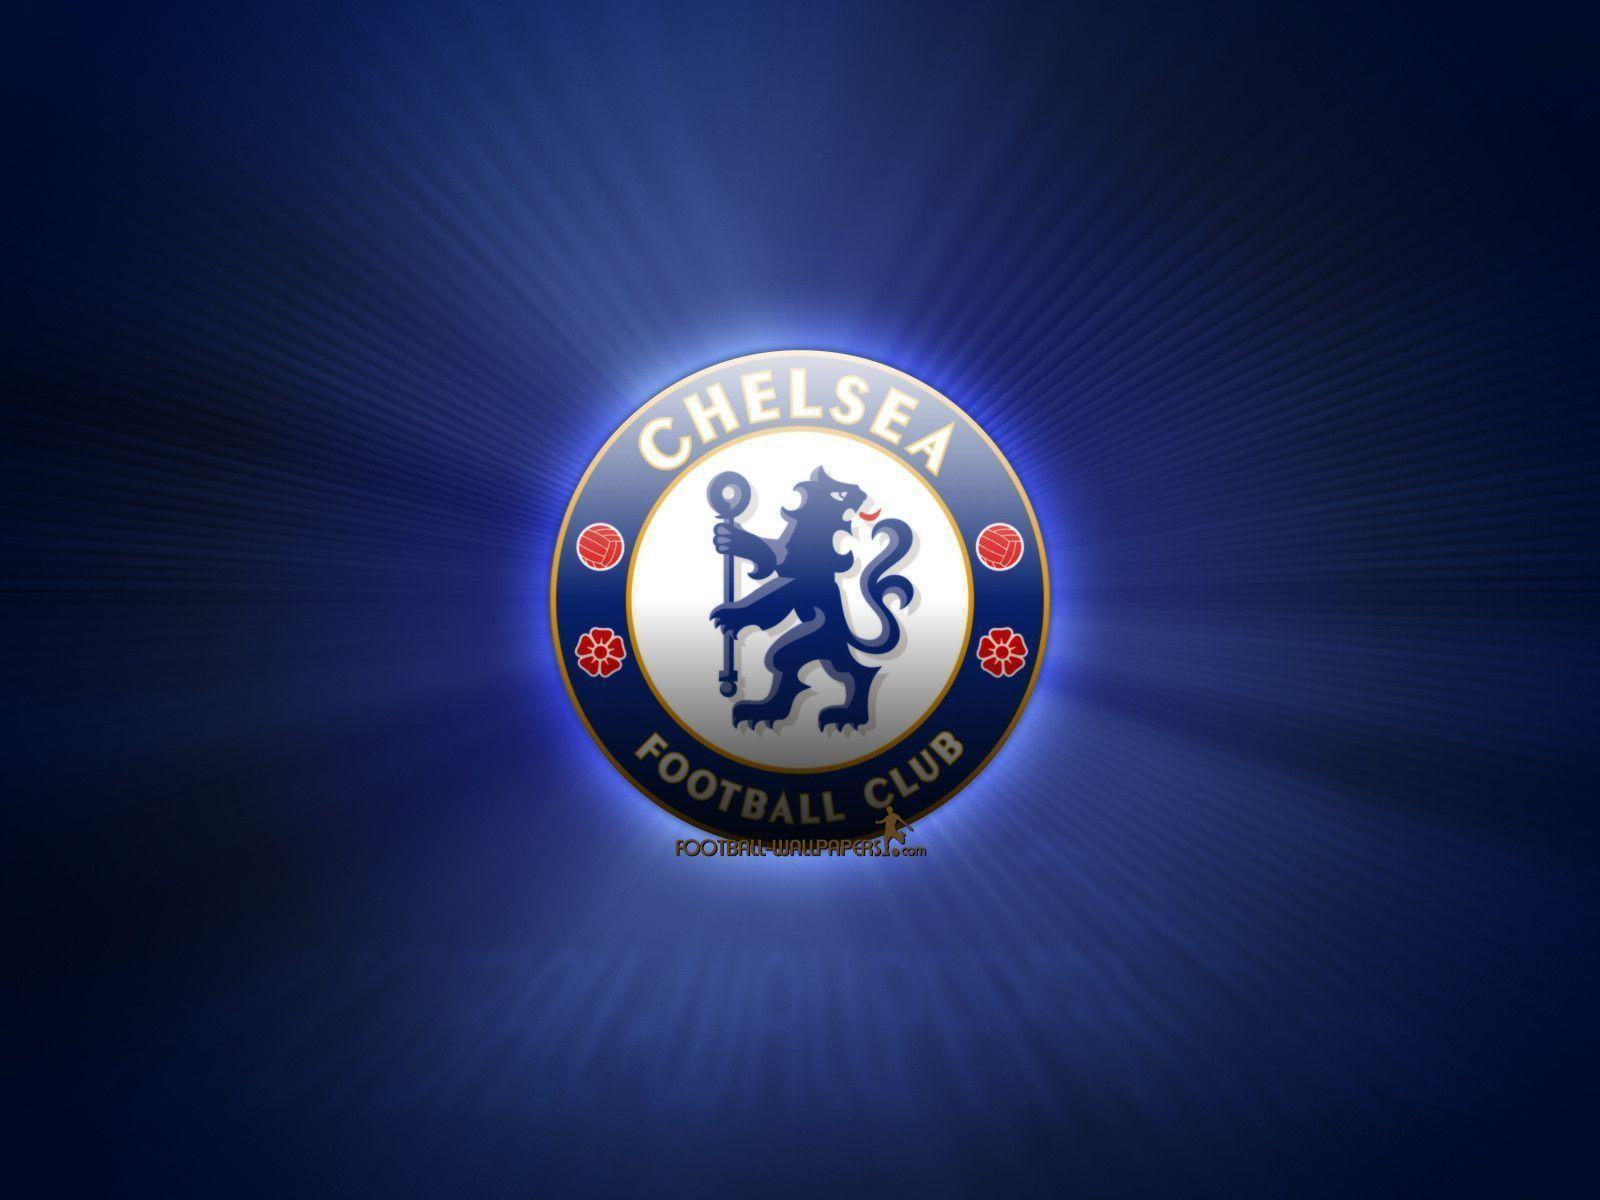 Chelsea Football Club Wallpaper Images #9572 Wallpaper | CamLib.